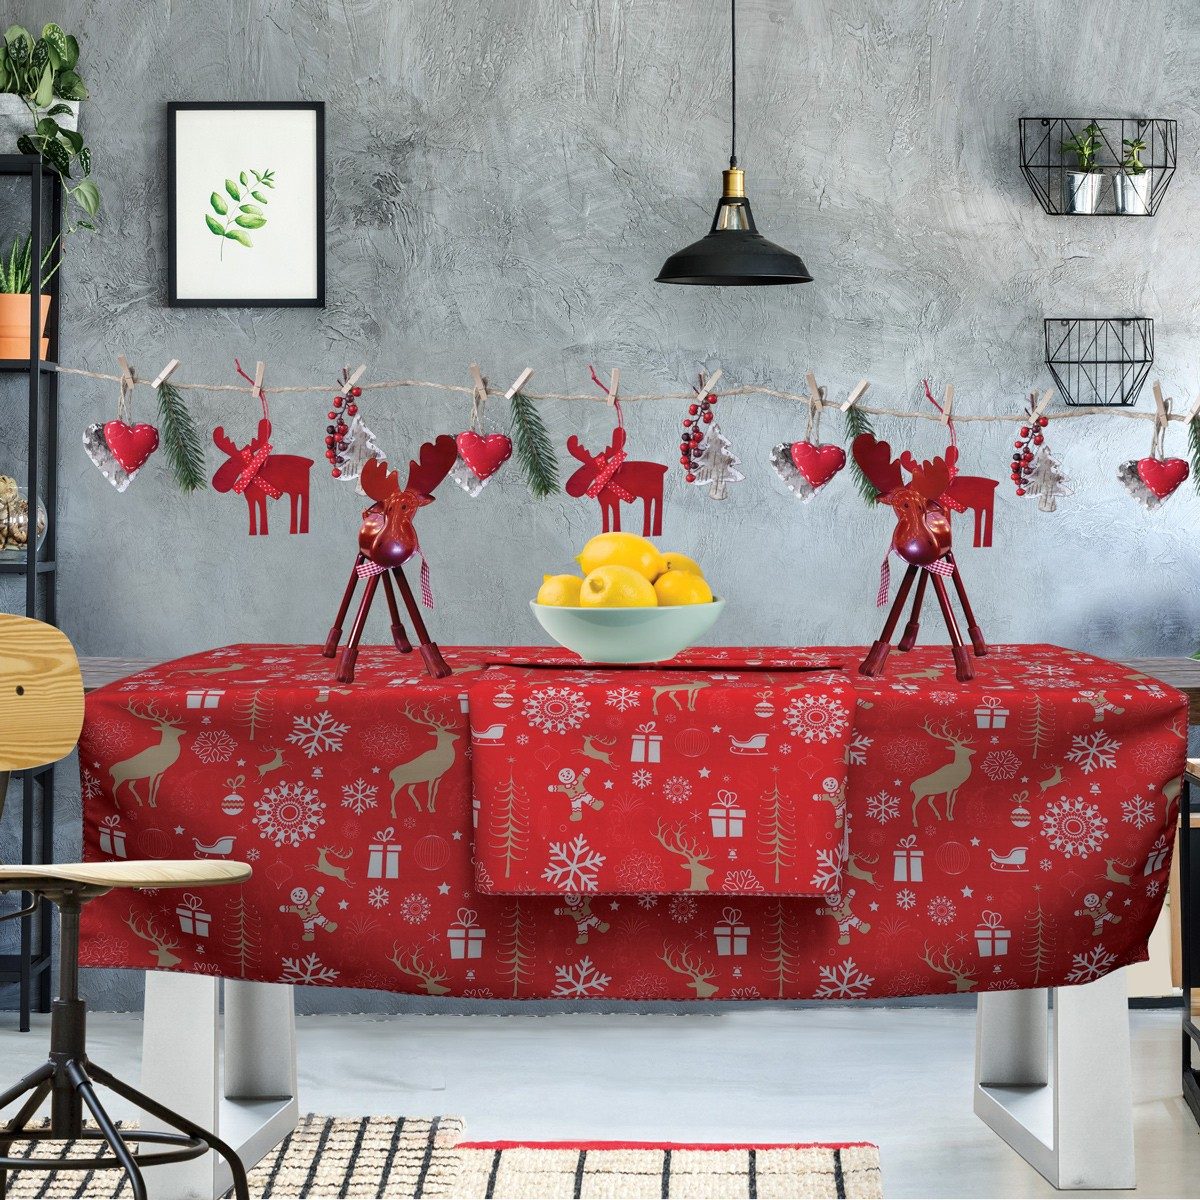 Χριστουγεννιάτικο Τραπεζομάντηλο (140×140) Das Home Kitchen 549